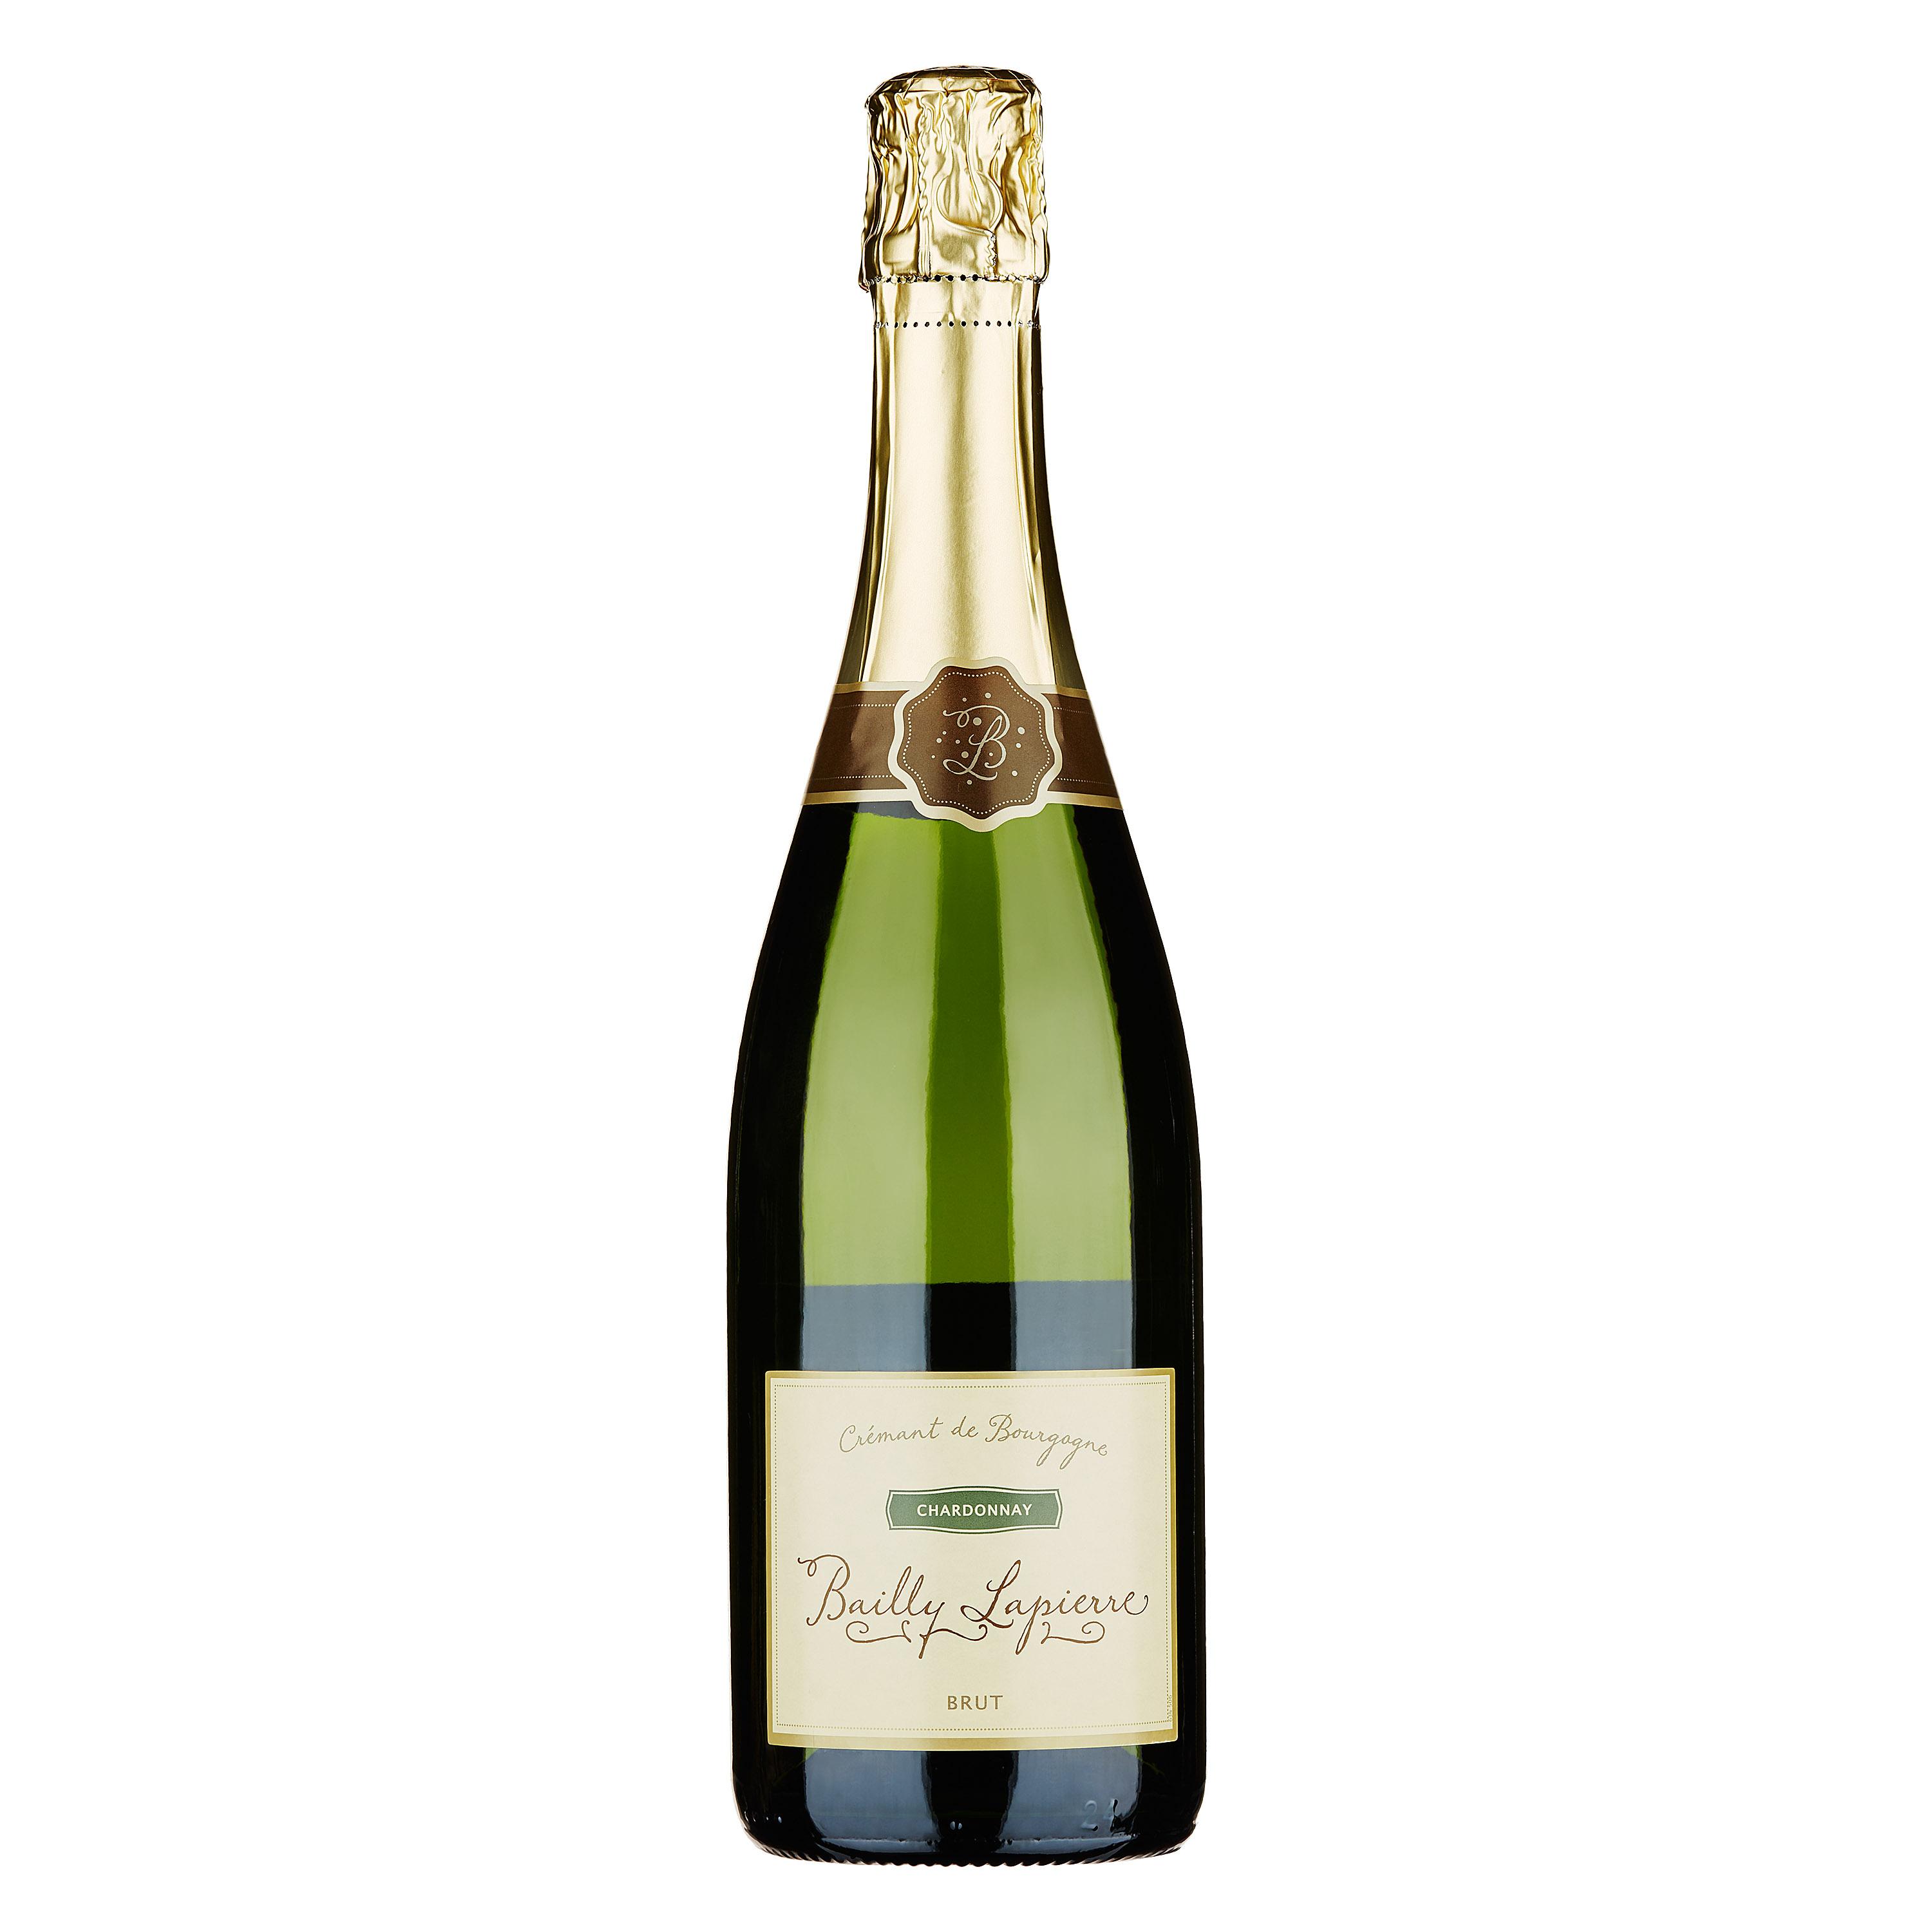 Crémant de Bourgogne Chardonnay Brut